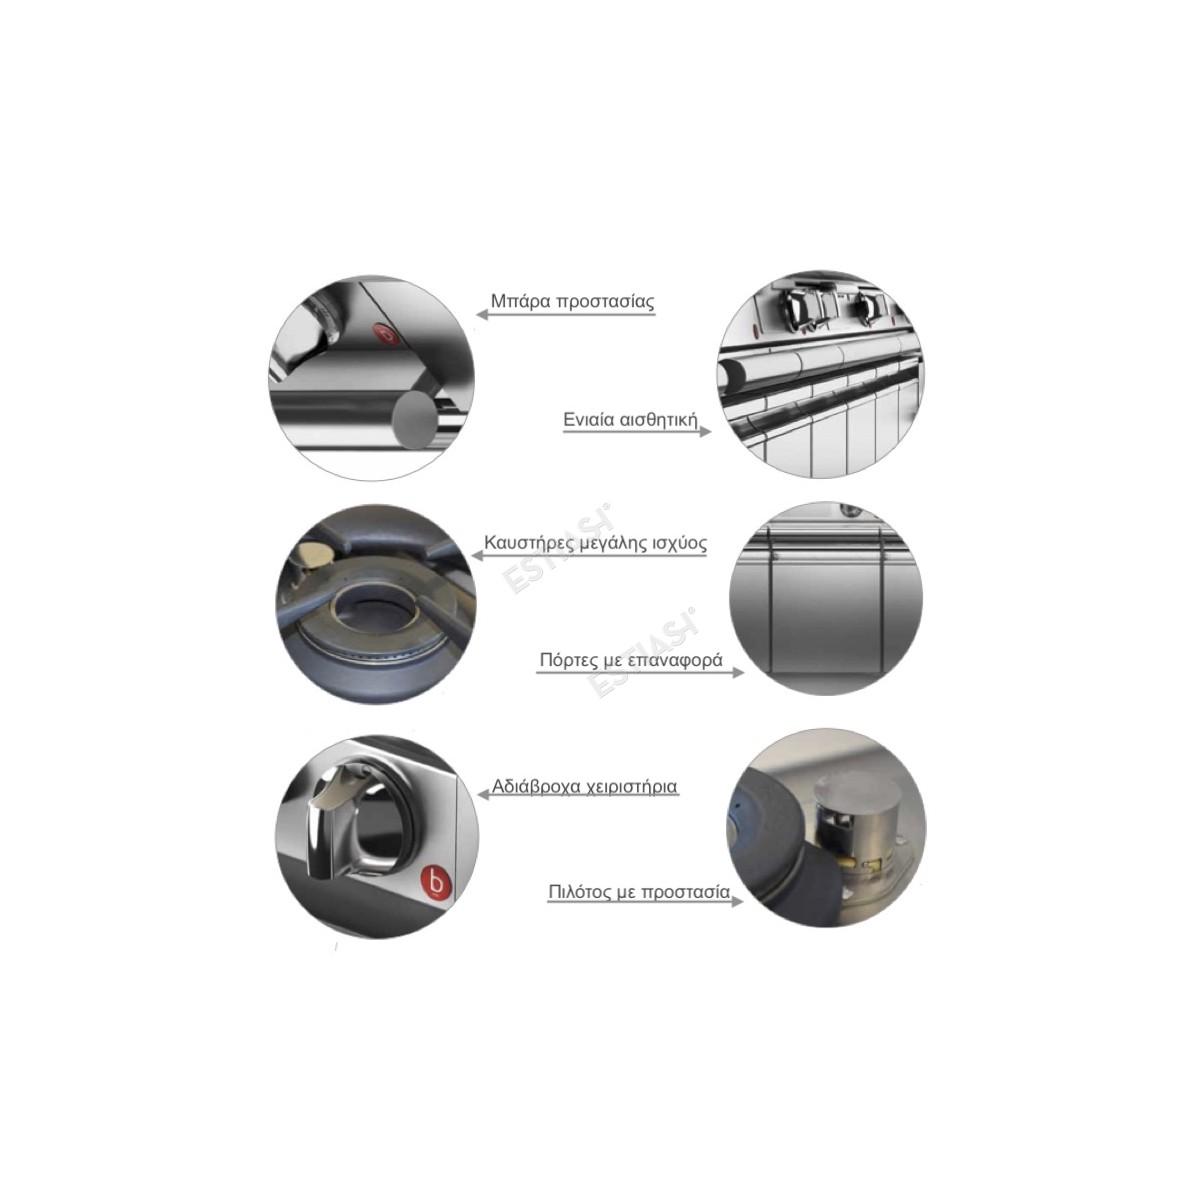 Επαγγελματική κουζίνα αερίου με 8 εστίες και 2 φούρνους αερίου Baron Q70PCF/G1606